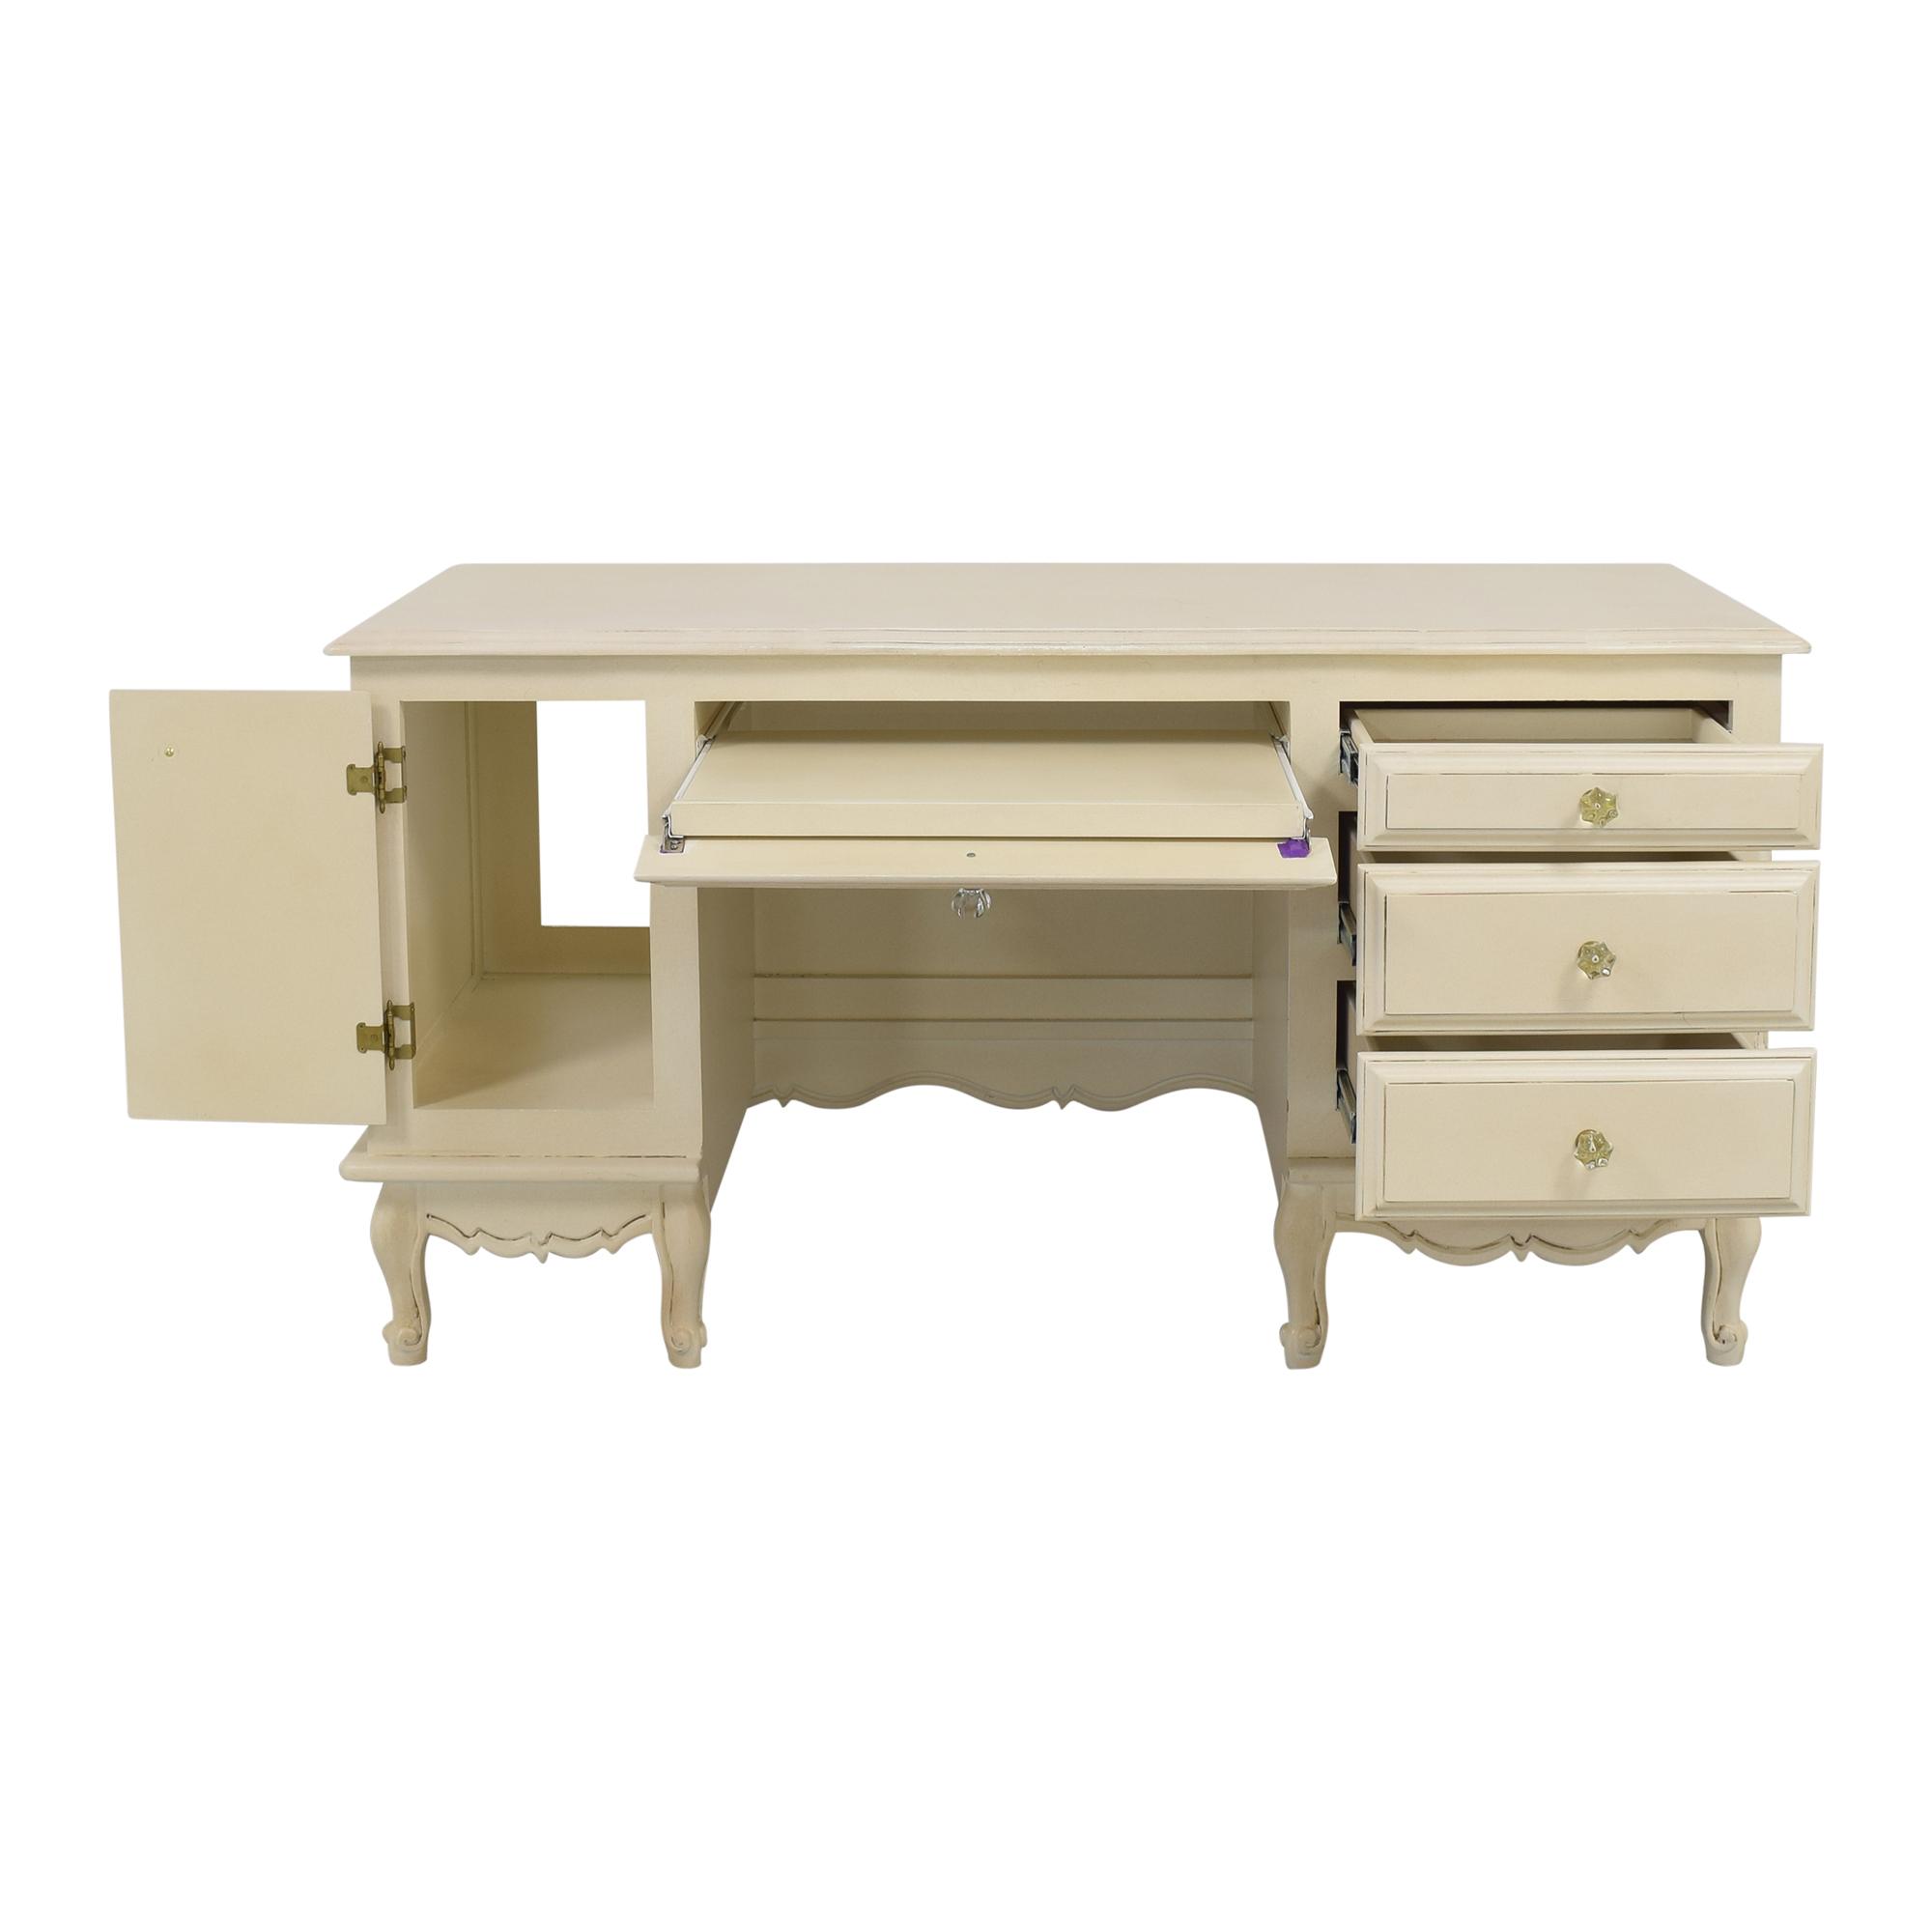 shop Bograd Kids Bograd Kids Desk with Cabinet and Drawers online